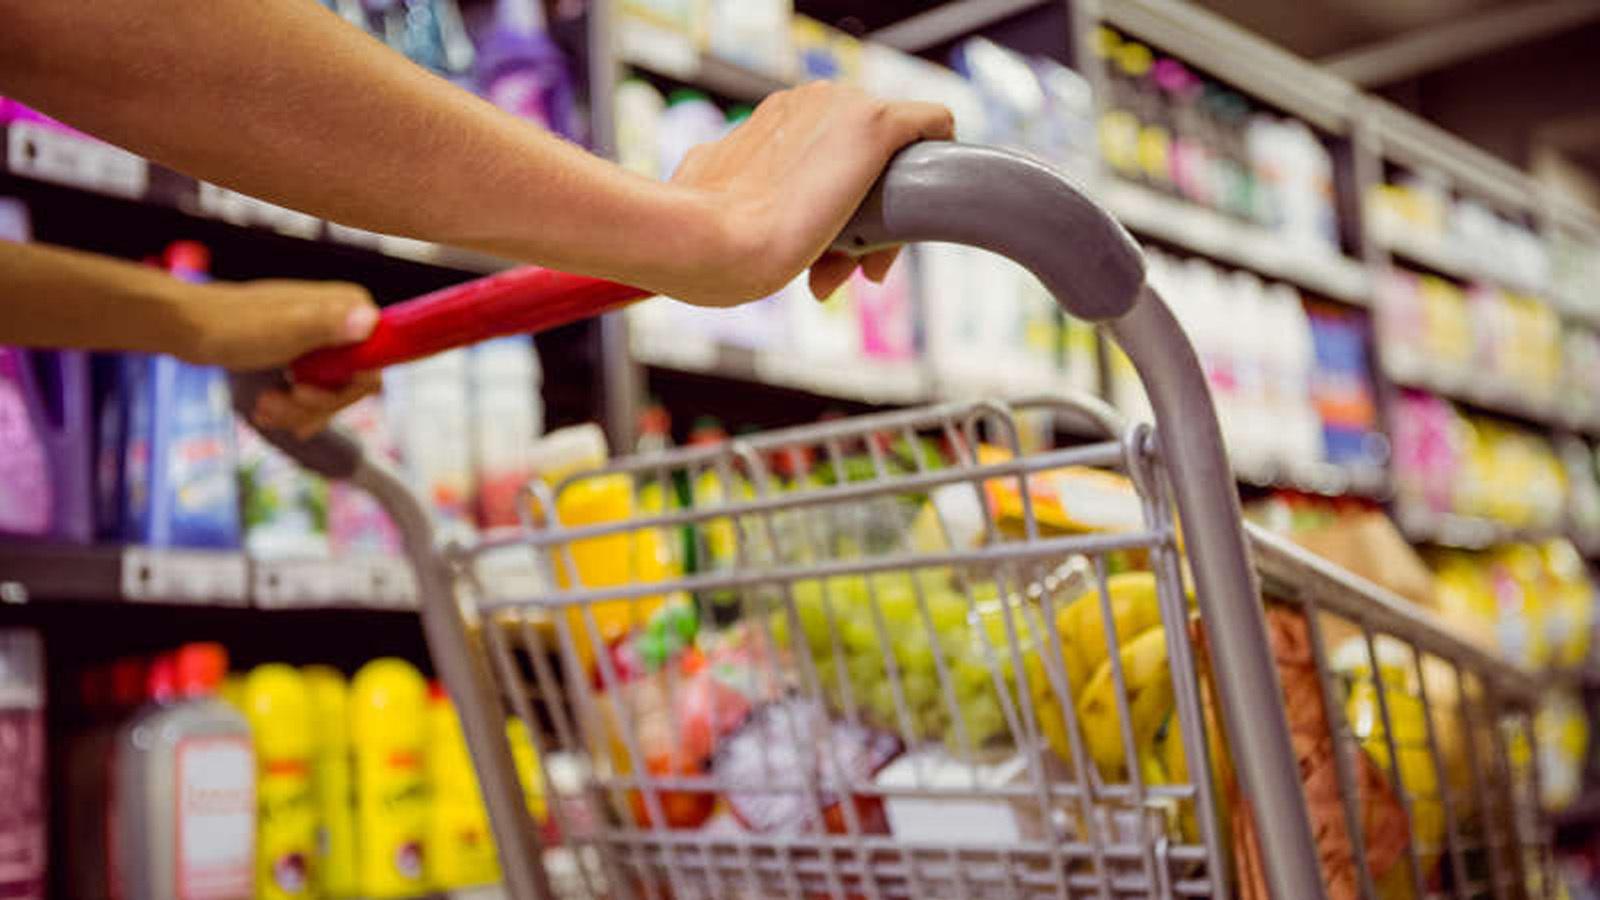 commercio_consumi_carrello_supermercato